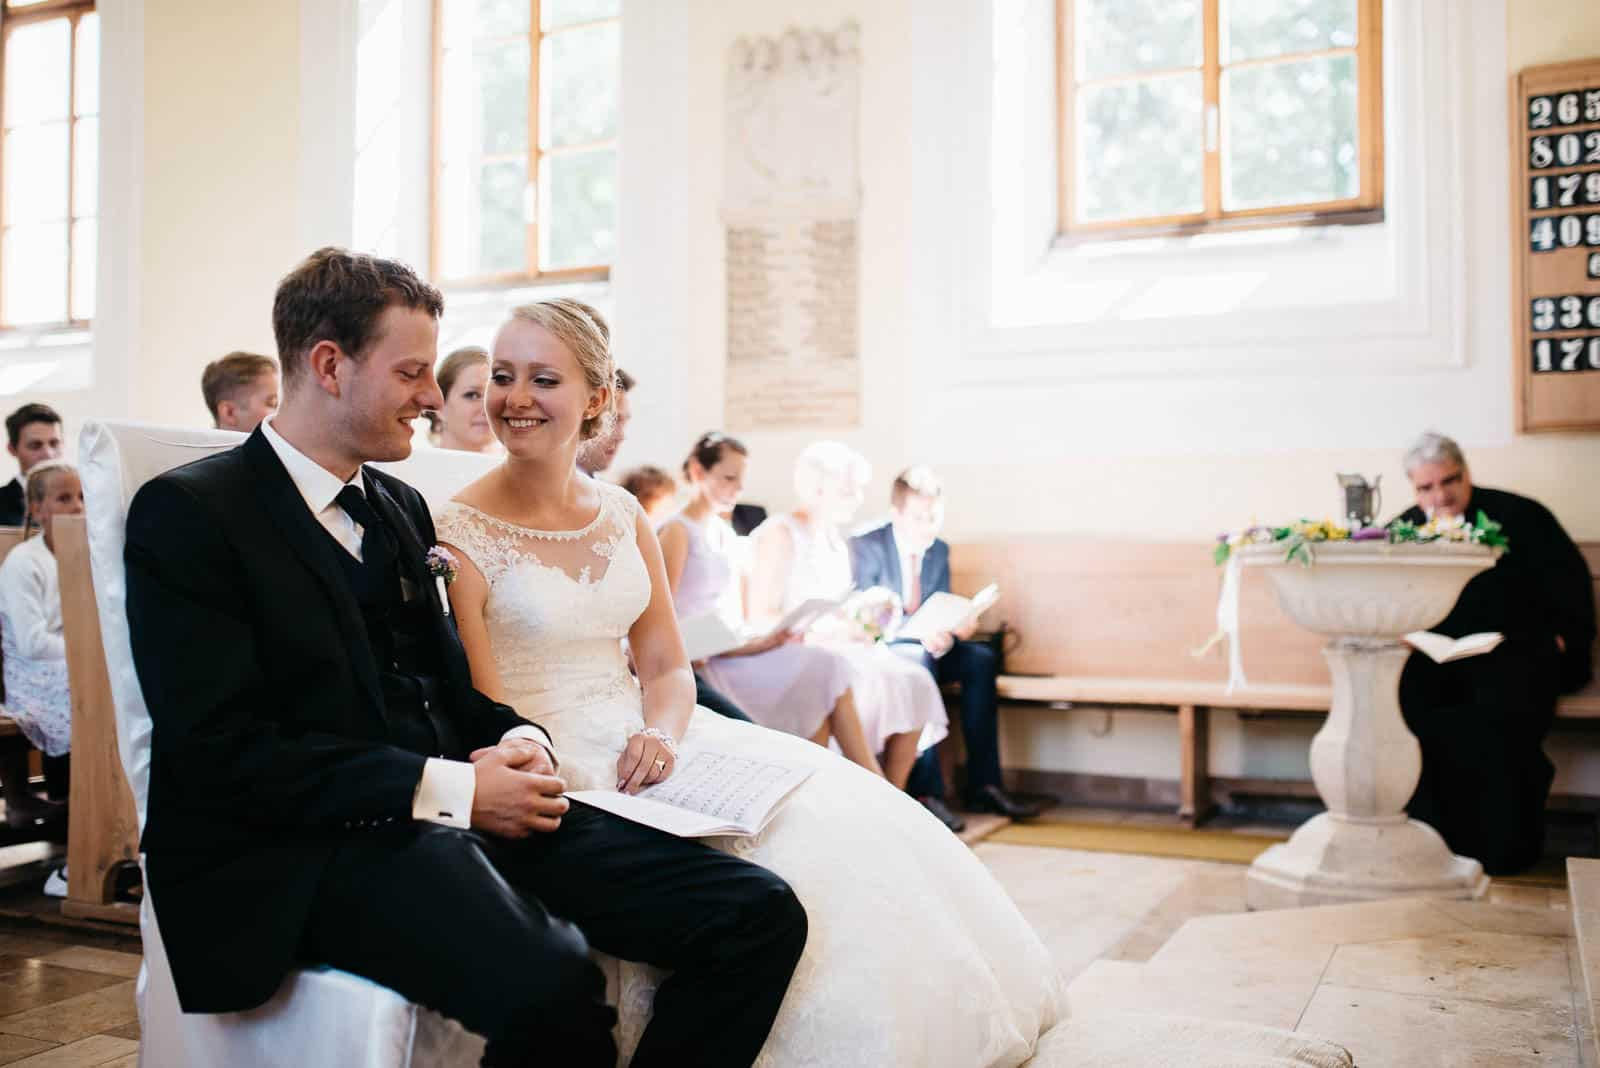 Wedding_Photography_061